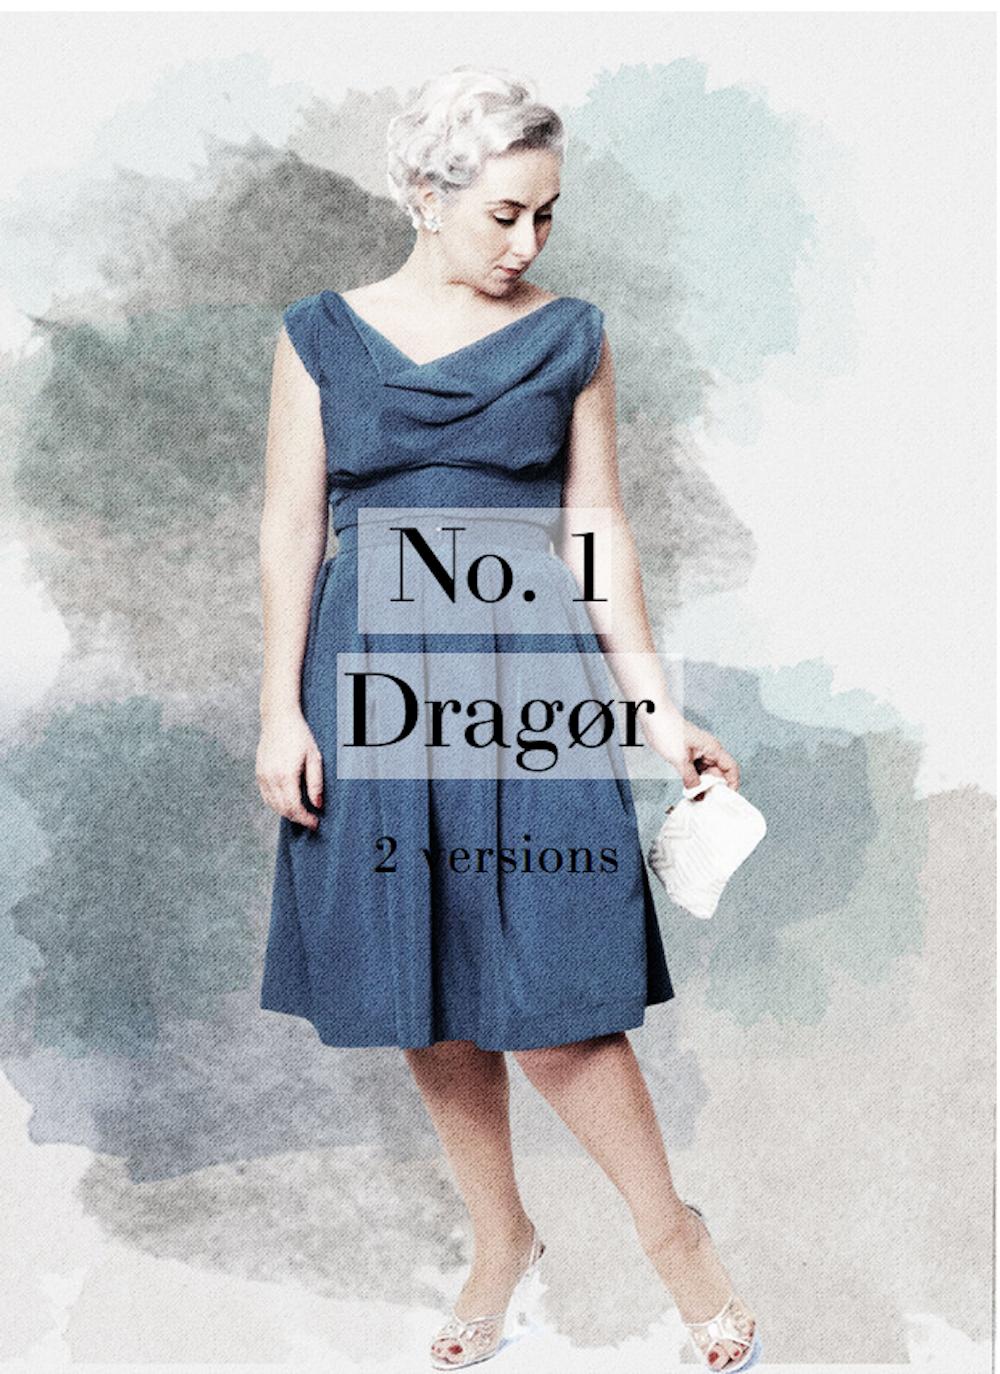 No. 1 Dragor - How To Do Fashion